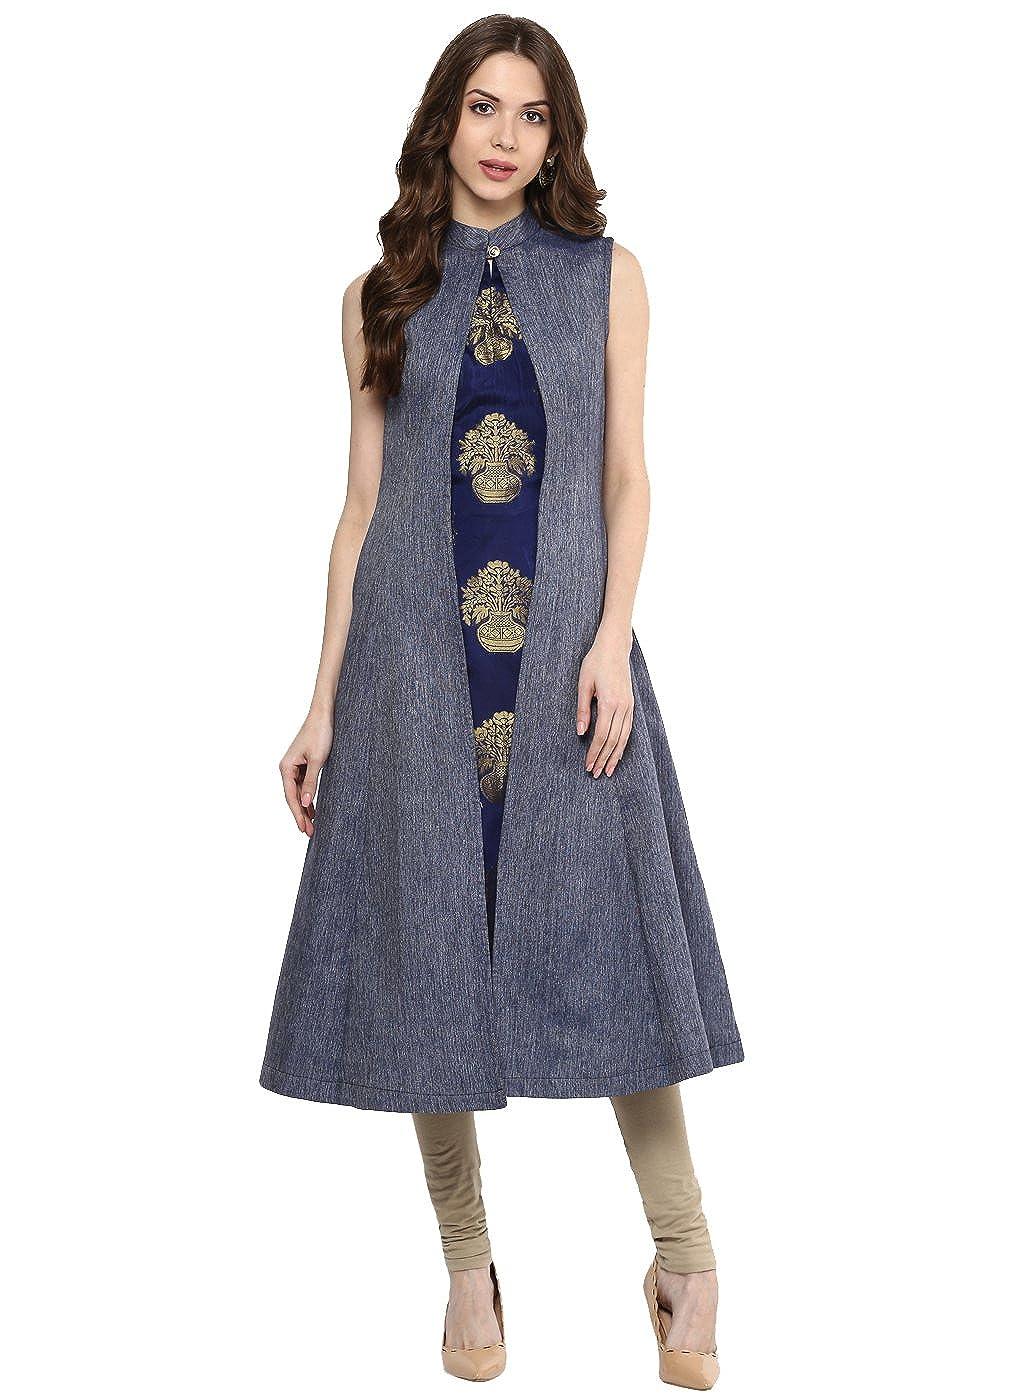 Aahwan Blue Denim and Taffeta Silk A-line Long Kurti for Women Under Flower Pot Design (B001)